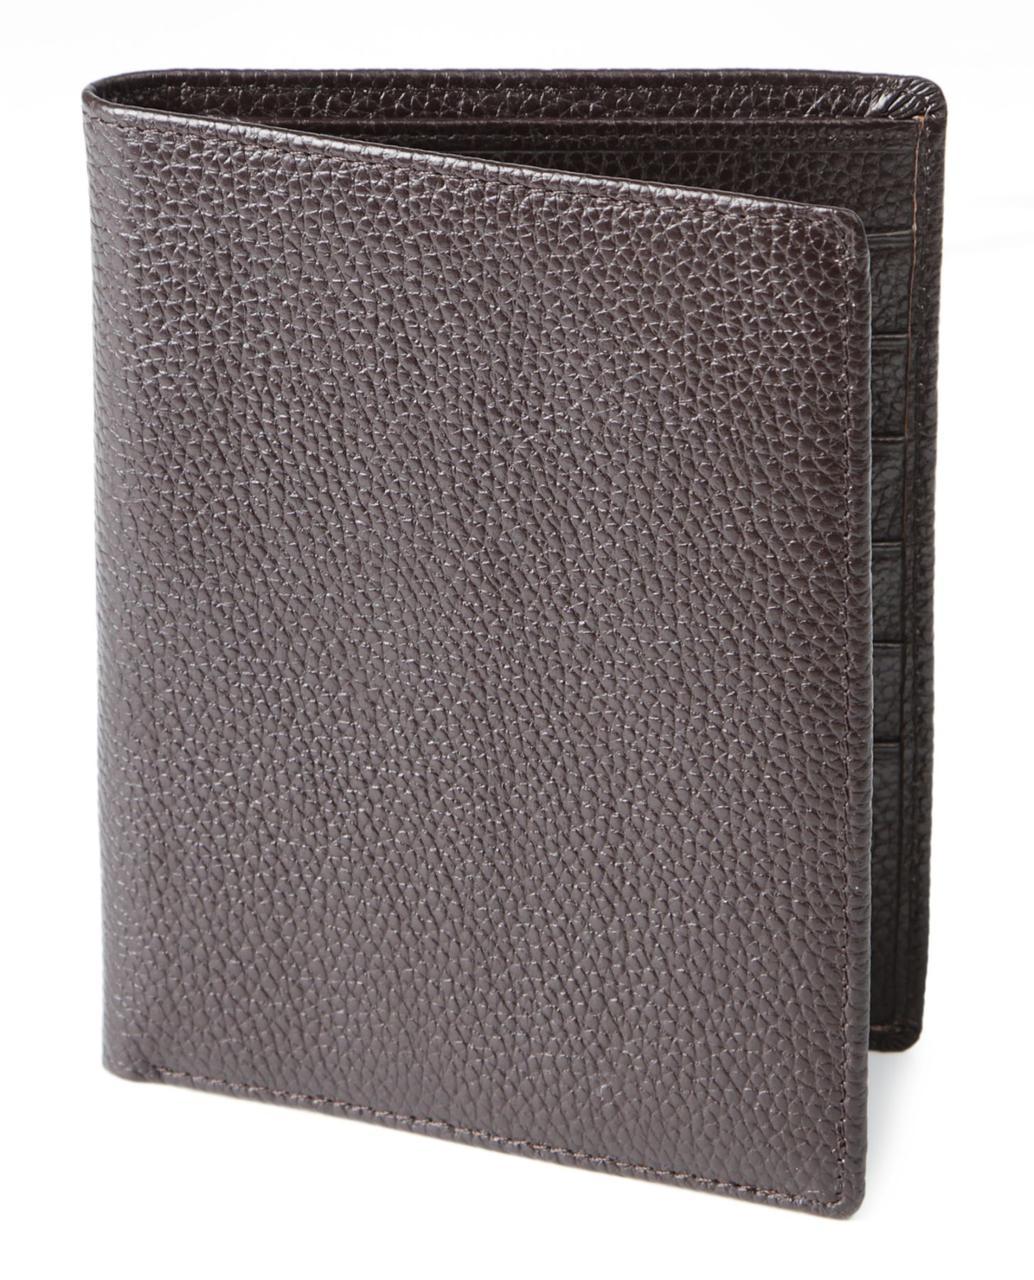 Гаманець SHVIGEL 13832 шкіряний з відділеннями для паспортів Коричневий